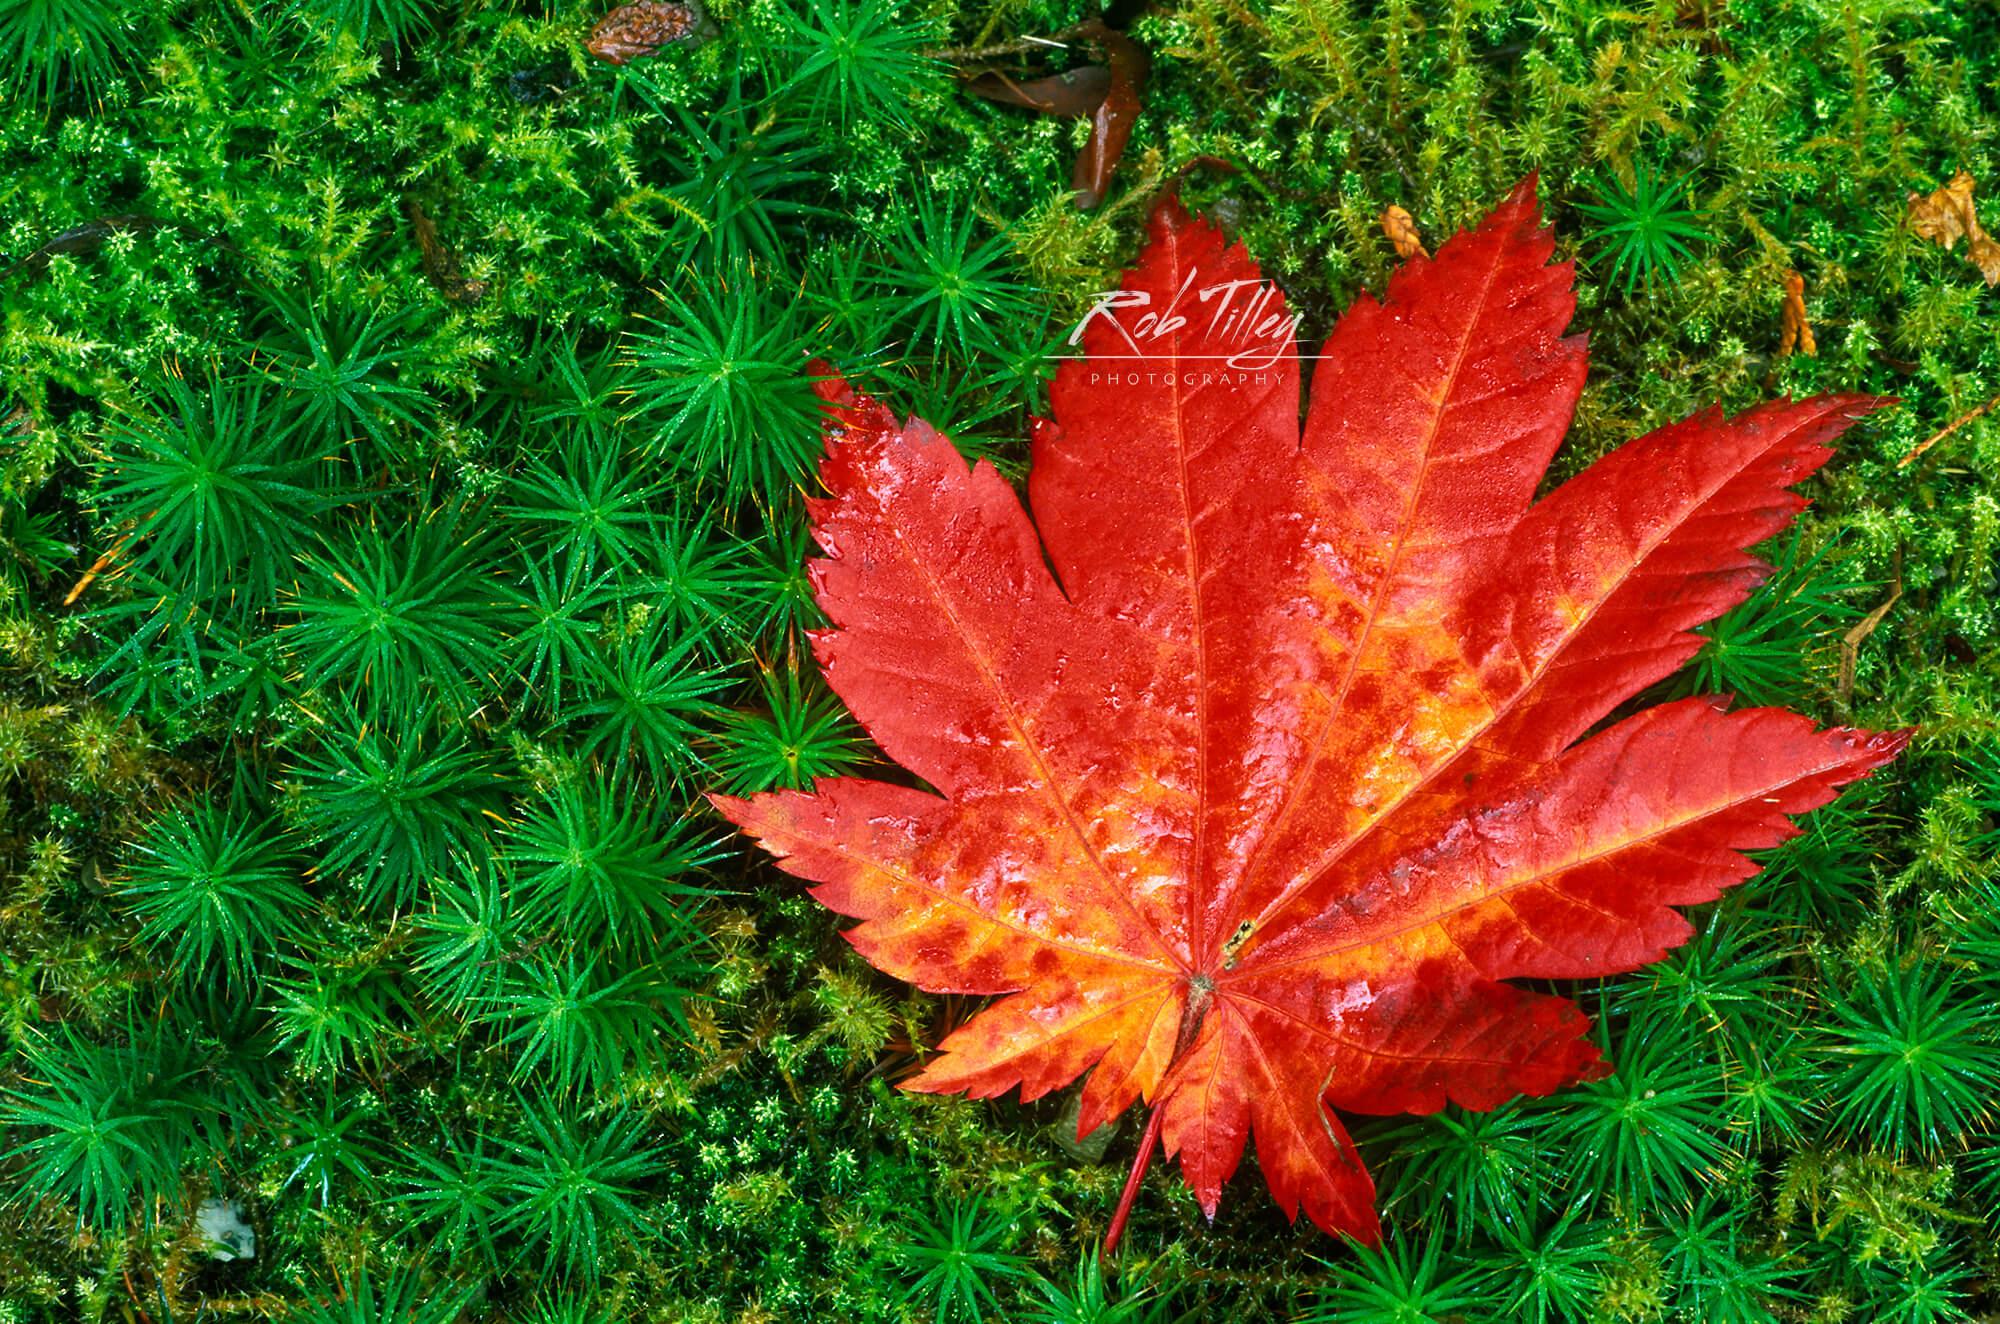 Japanese Maple Leaf on Moss